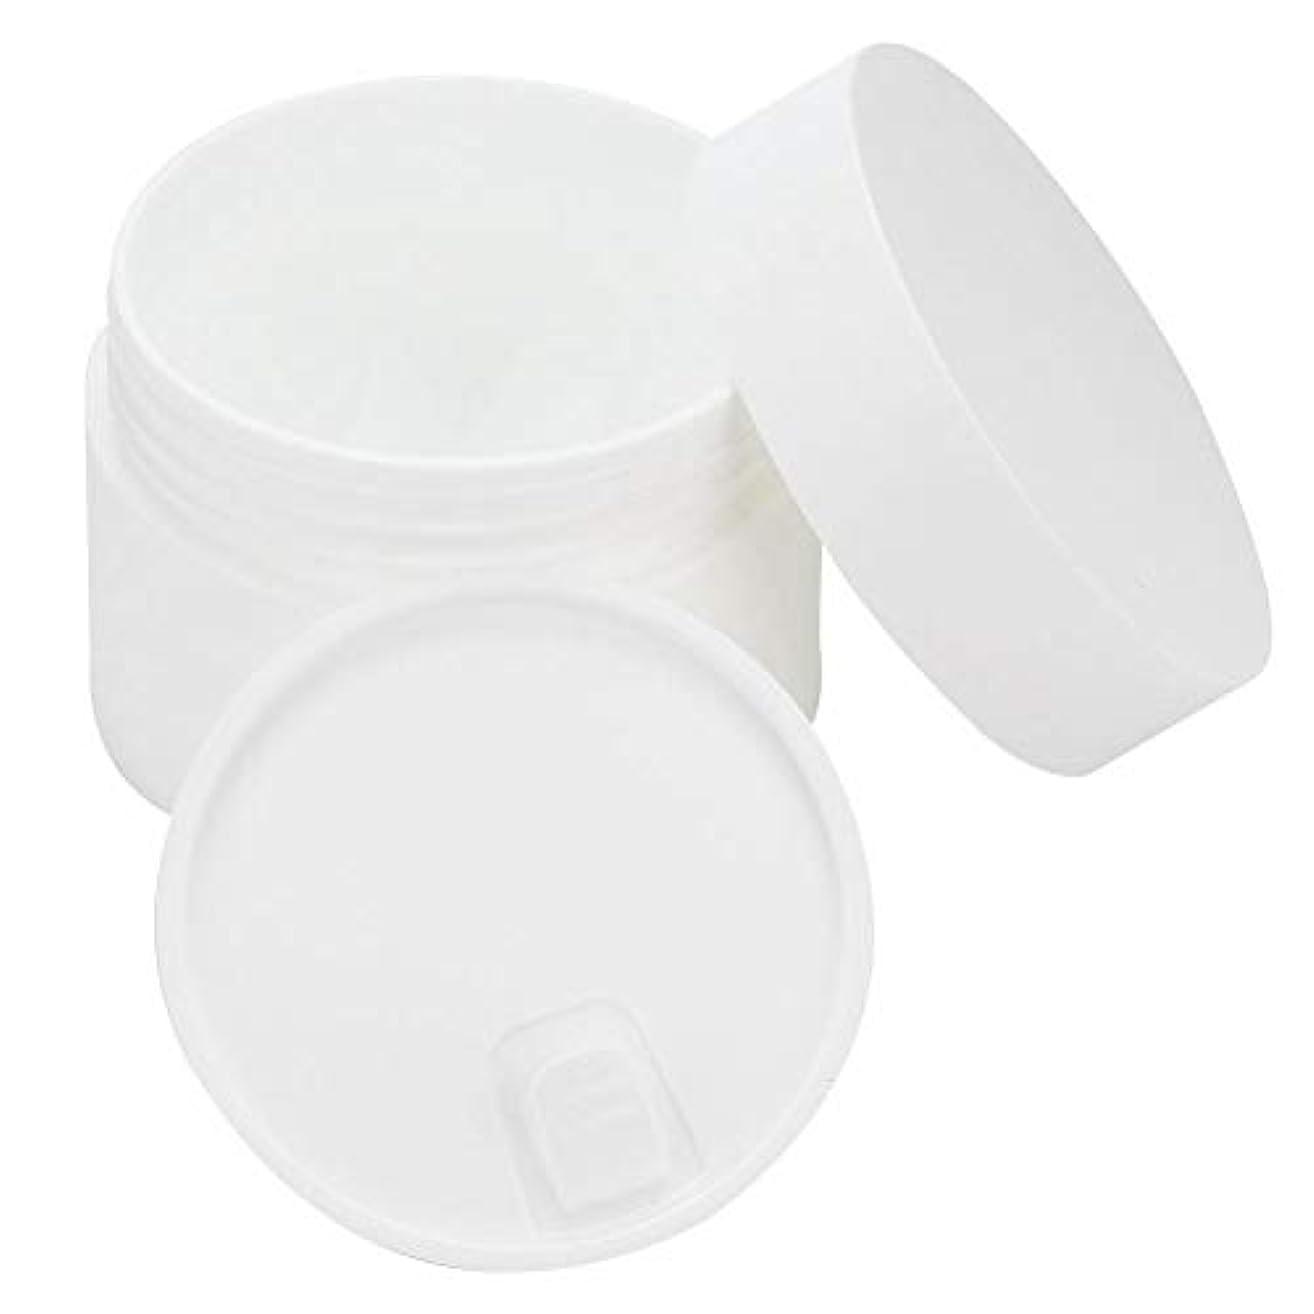 ギャングスターハーネス住む30g空の旅行フェイシャルクリームボトル充填可能なスキンケア製品容器ボトルDIYマスクボトル